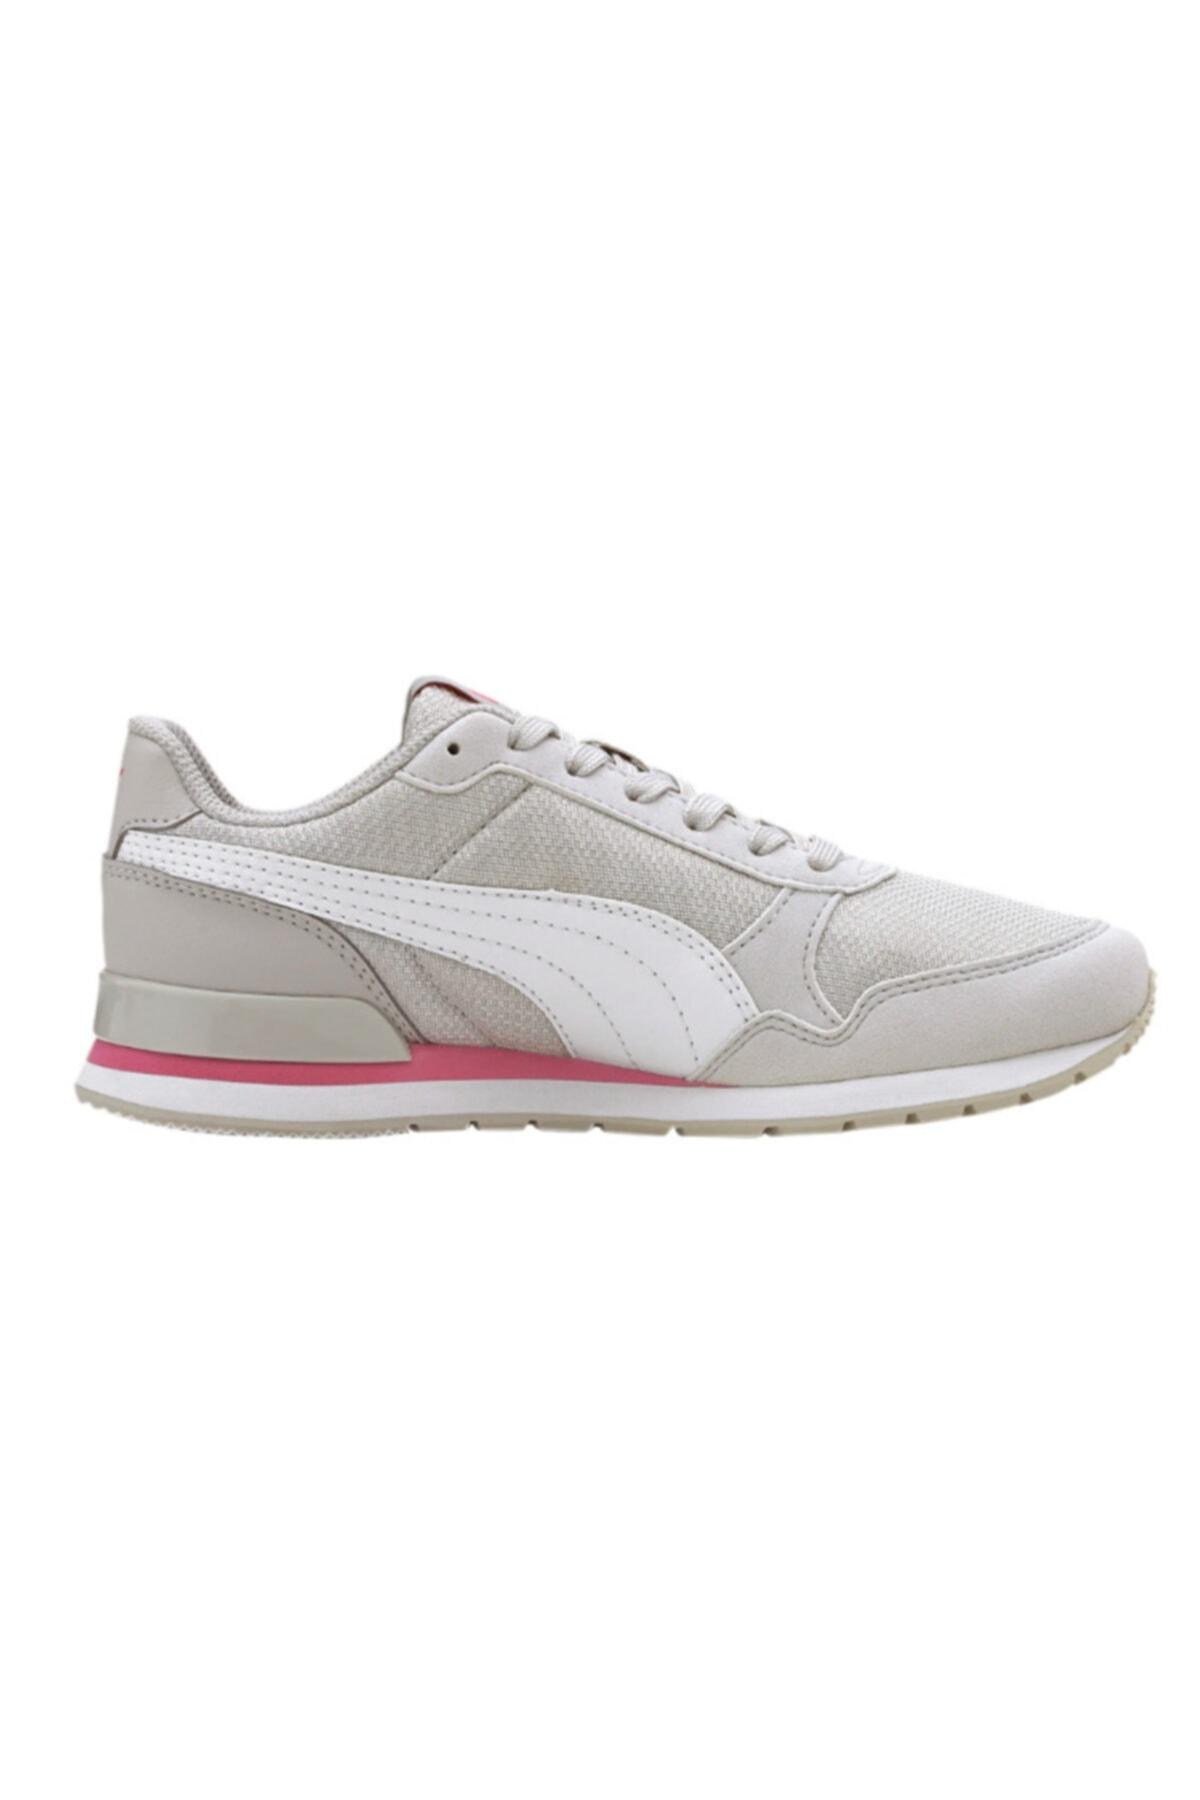 Puma Kadın Beyaz St Runner V2 Mesh Jr Günlük Spor Ayakkabı 2